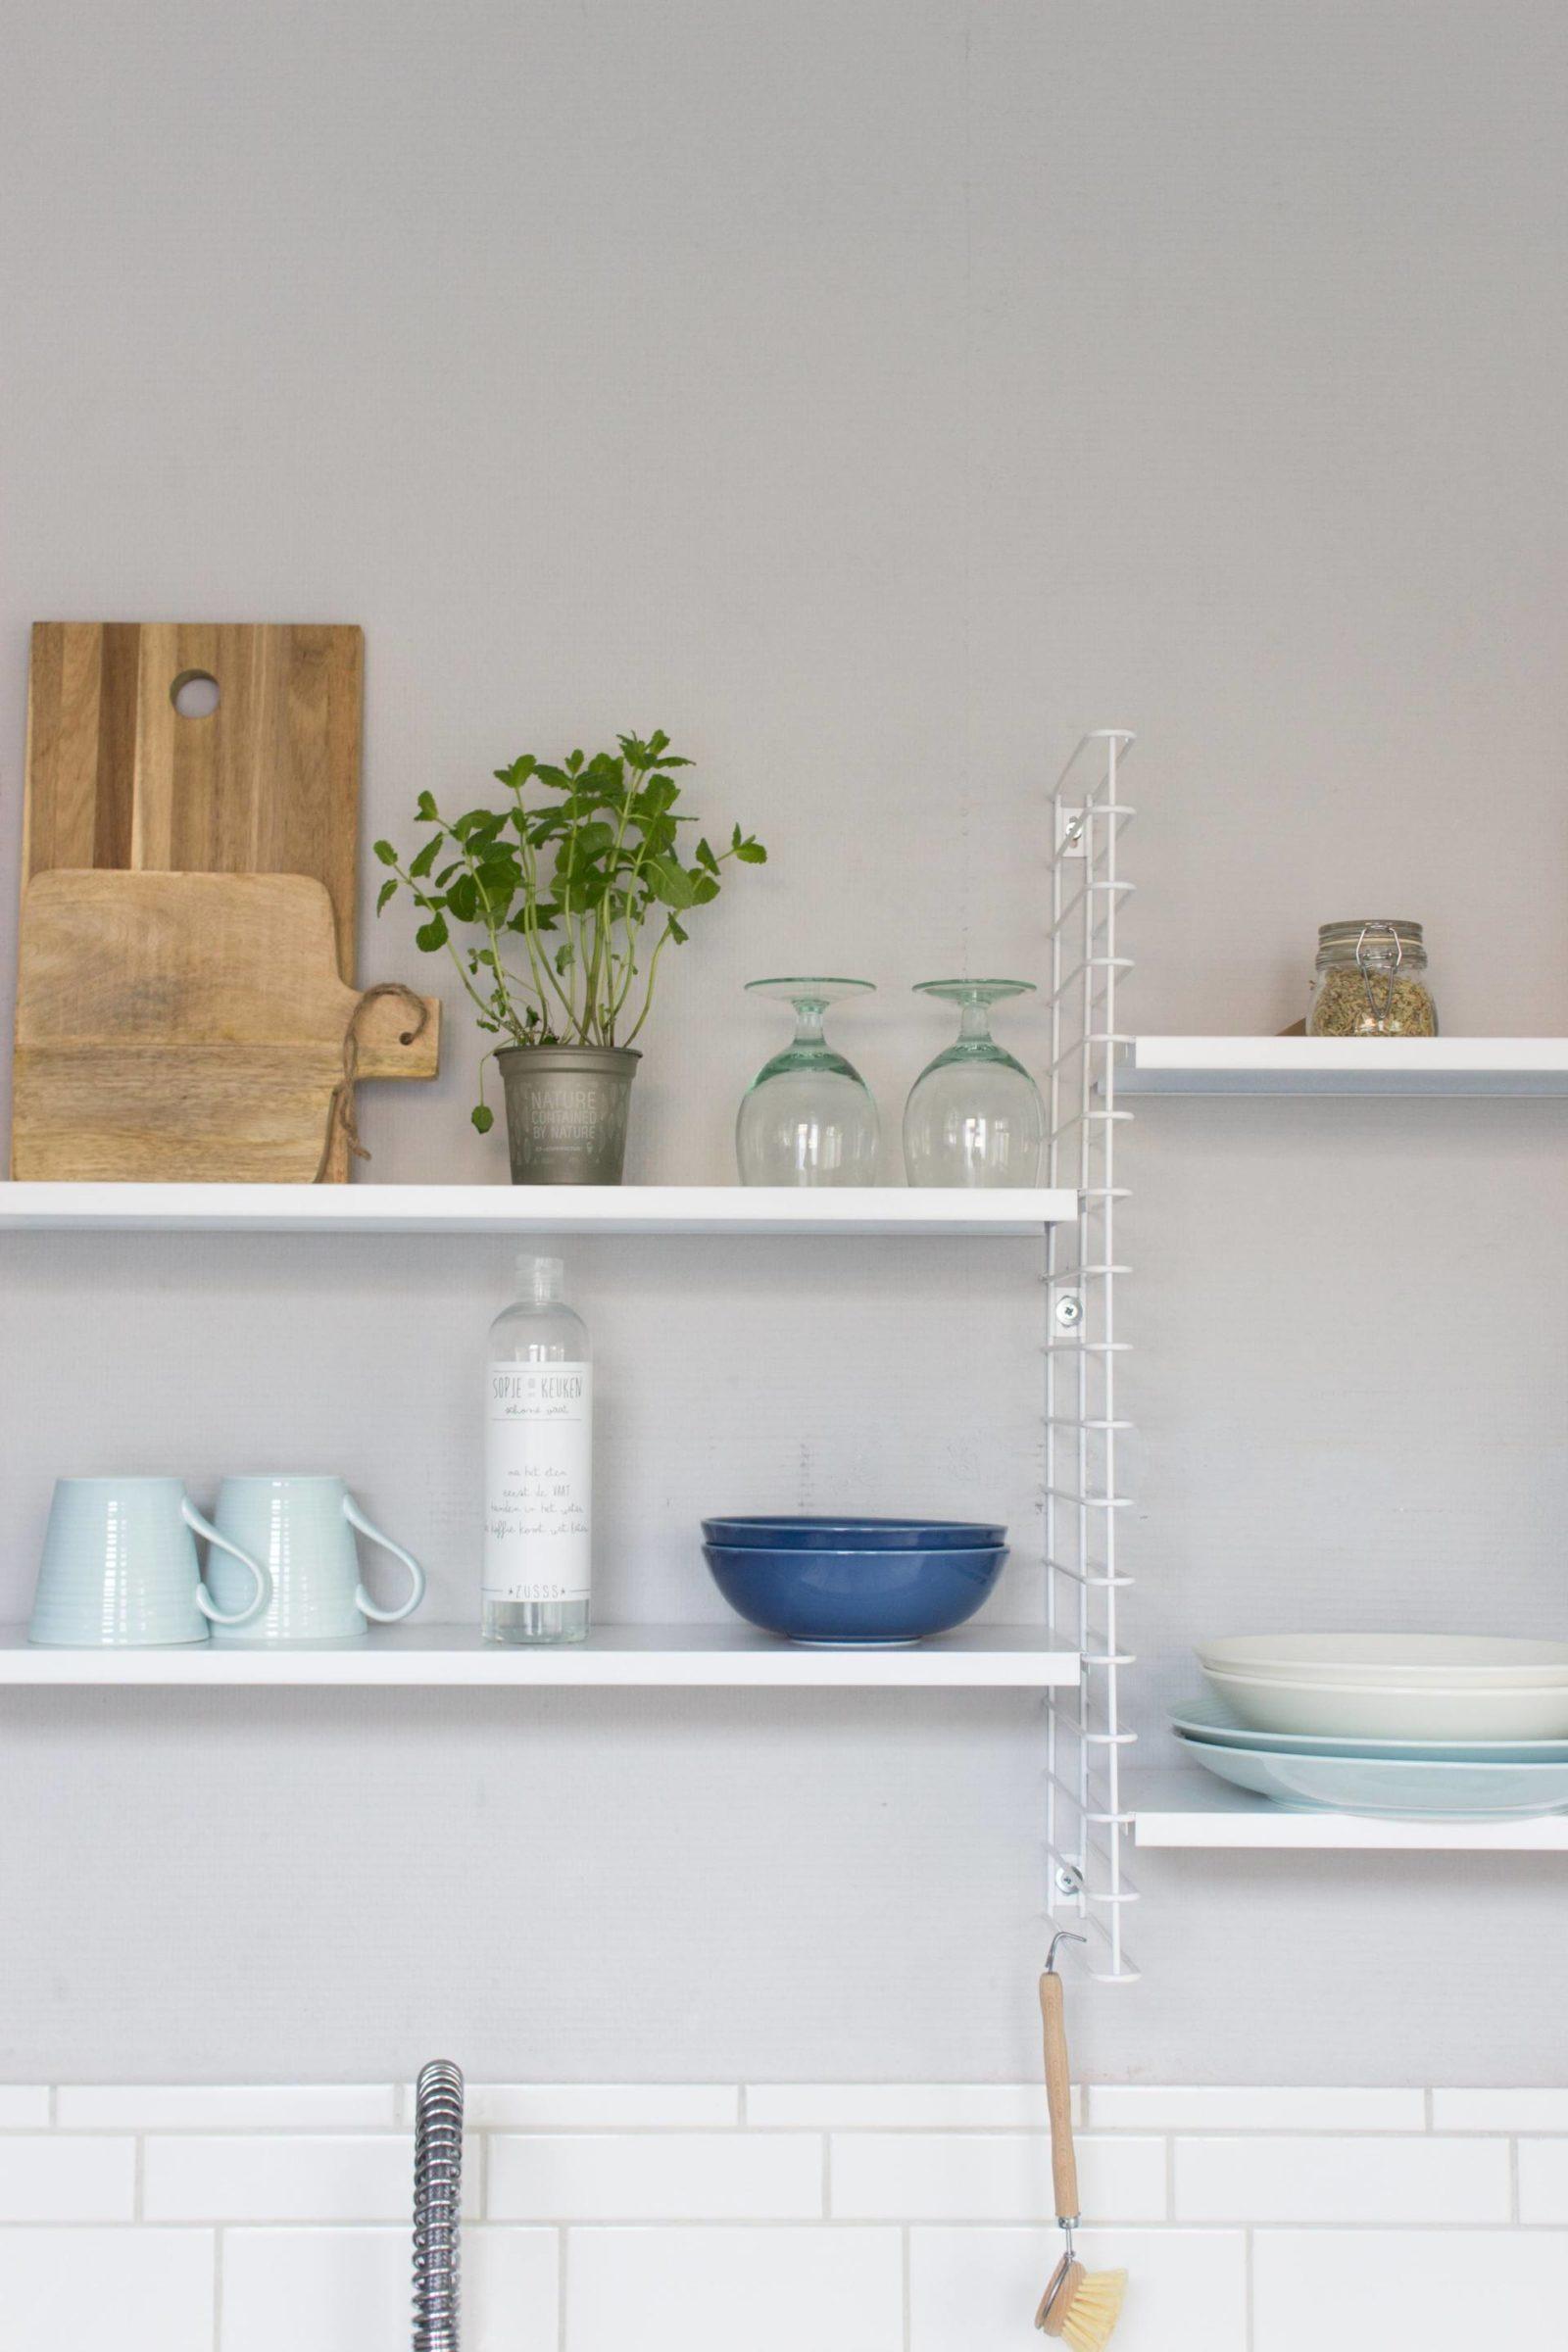 Een frisse start in de keuken juudithhome interior lifestyle blog - Trendkleur keuken ...